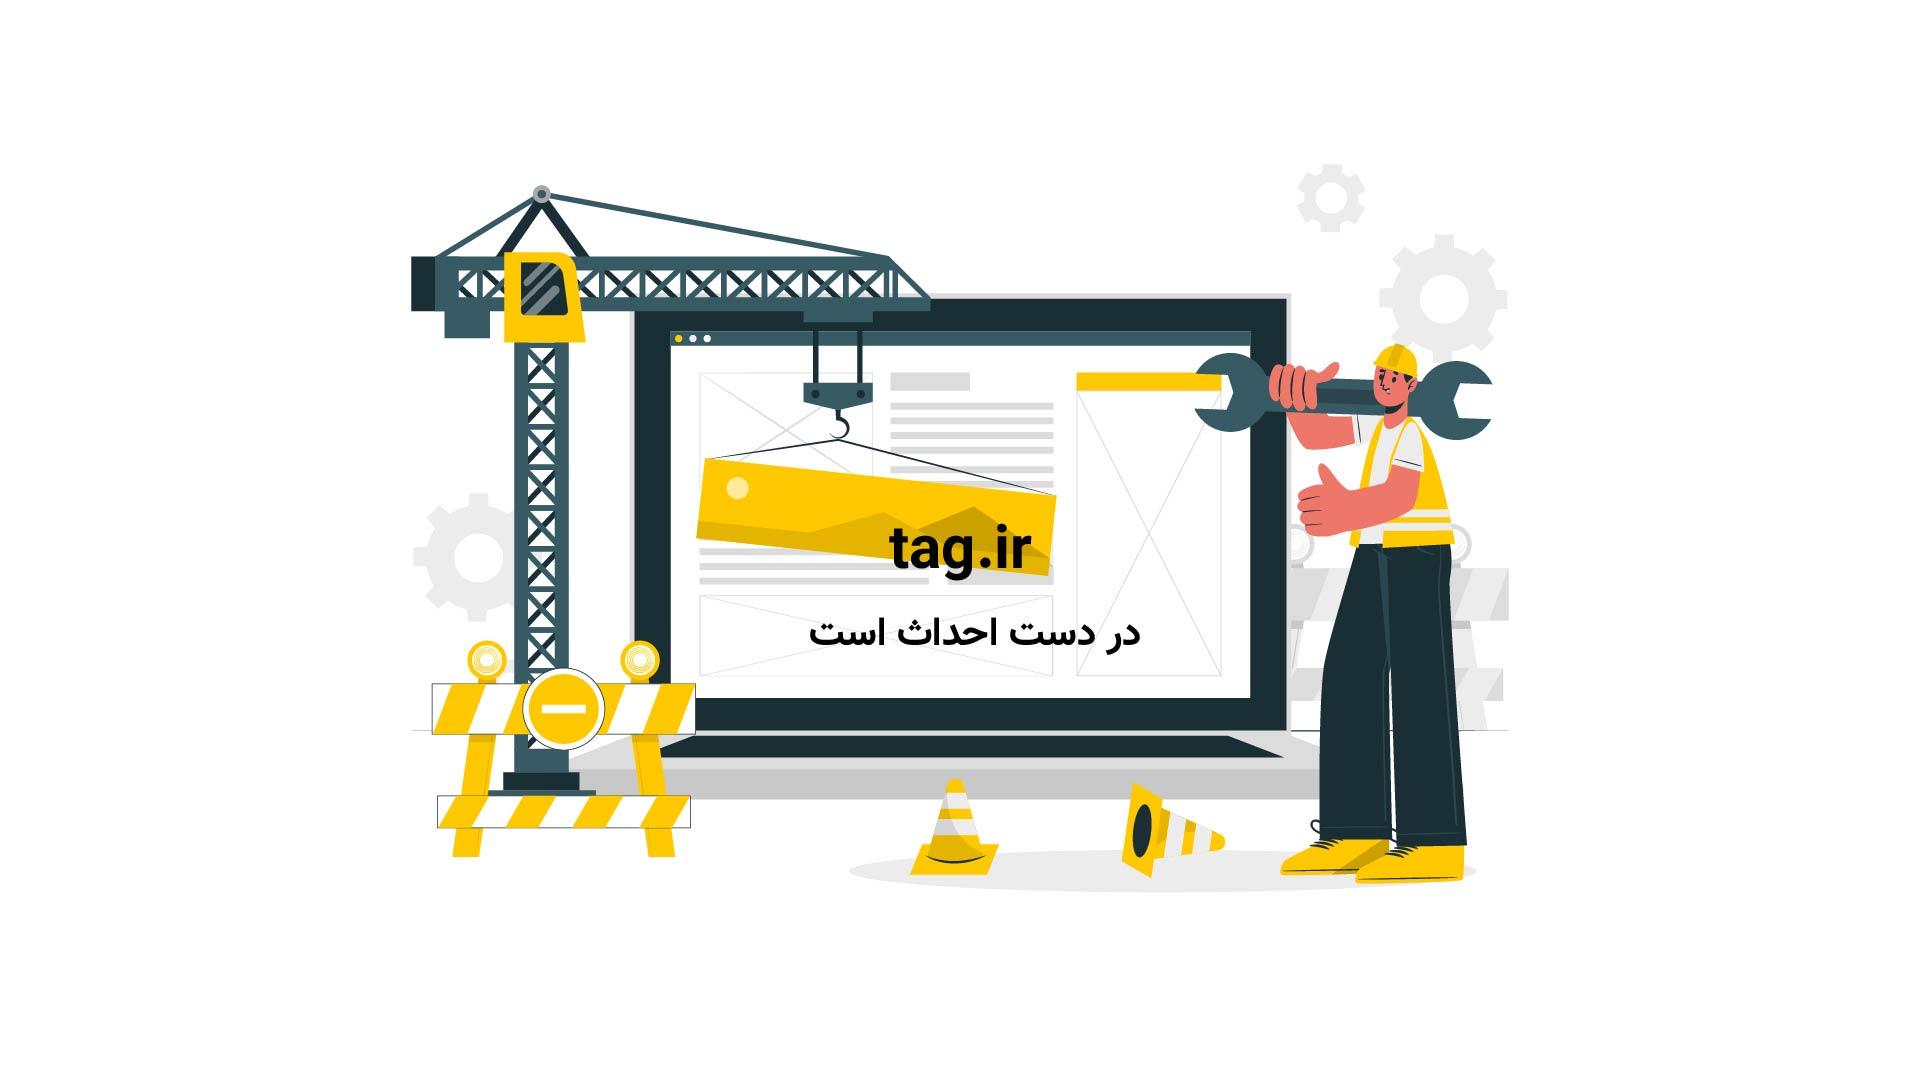 سخنرانی های تد؛ نمایش بی نظیر از یک نمونه ربات آزمایشی | فیلم